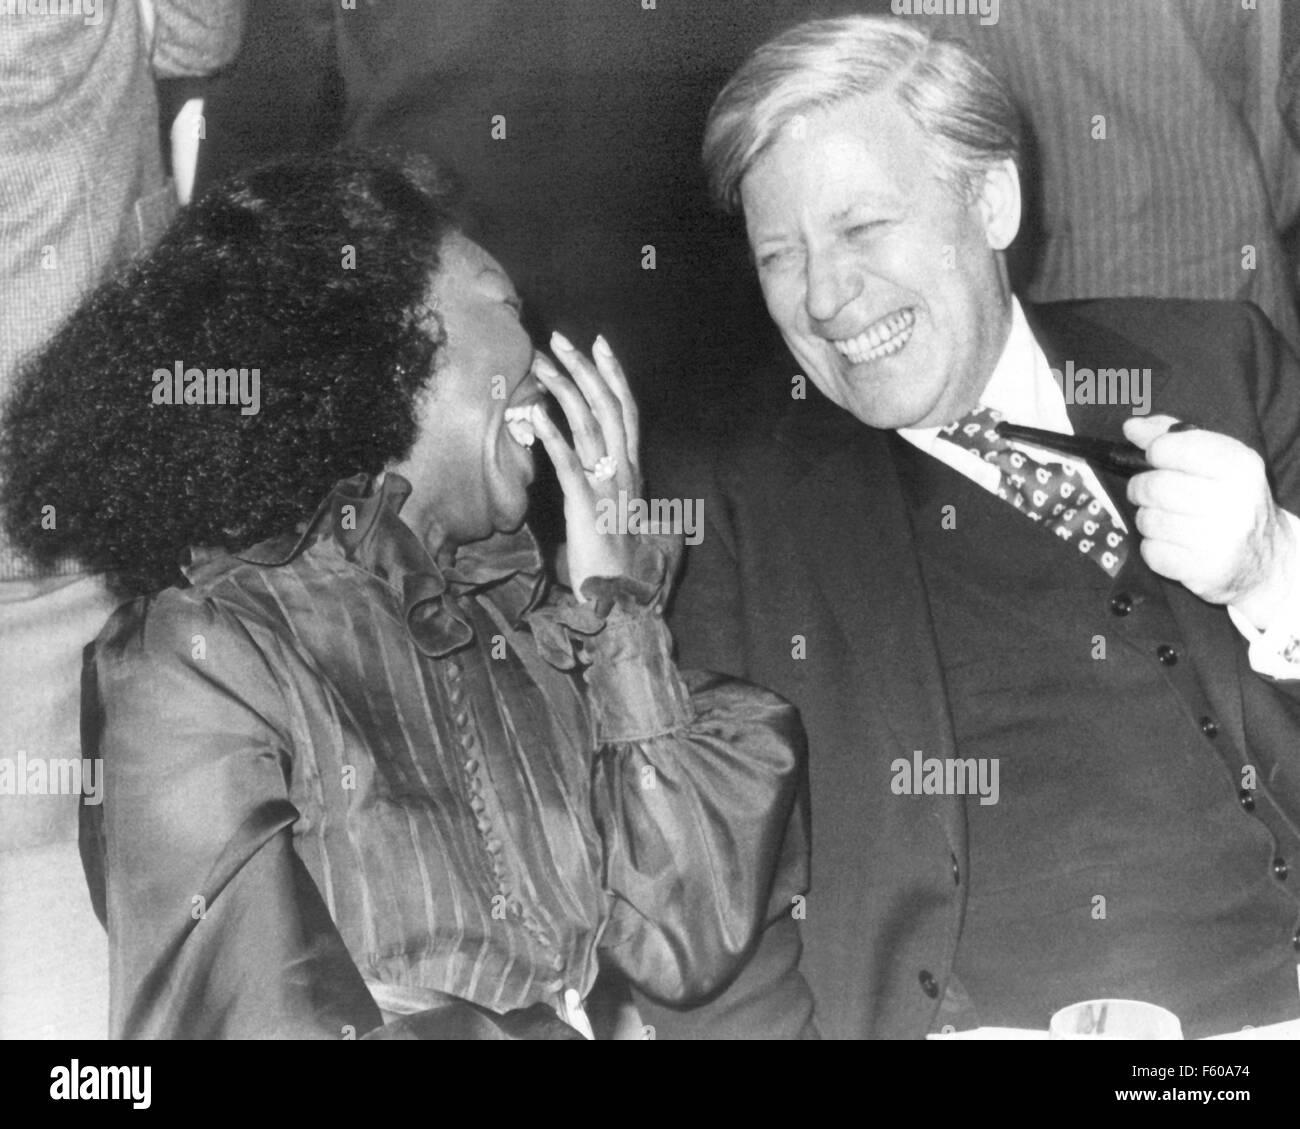 Le chanteur Felicia Weathers et le chancelier allemand Helmut Schmidt s'esclaffent pendant un festival de jazz, le 7 novembre 1980 à la Philharmonie de Berlin. Banque D'Images